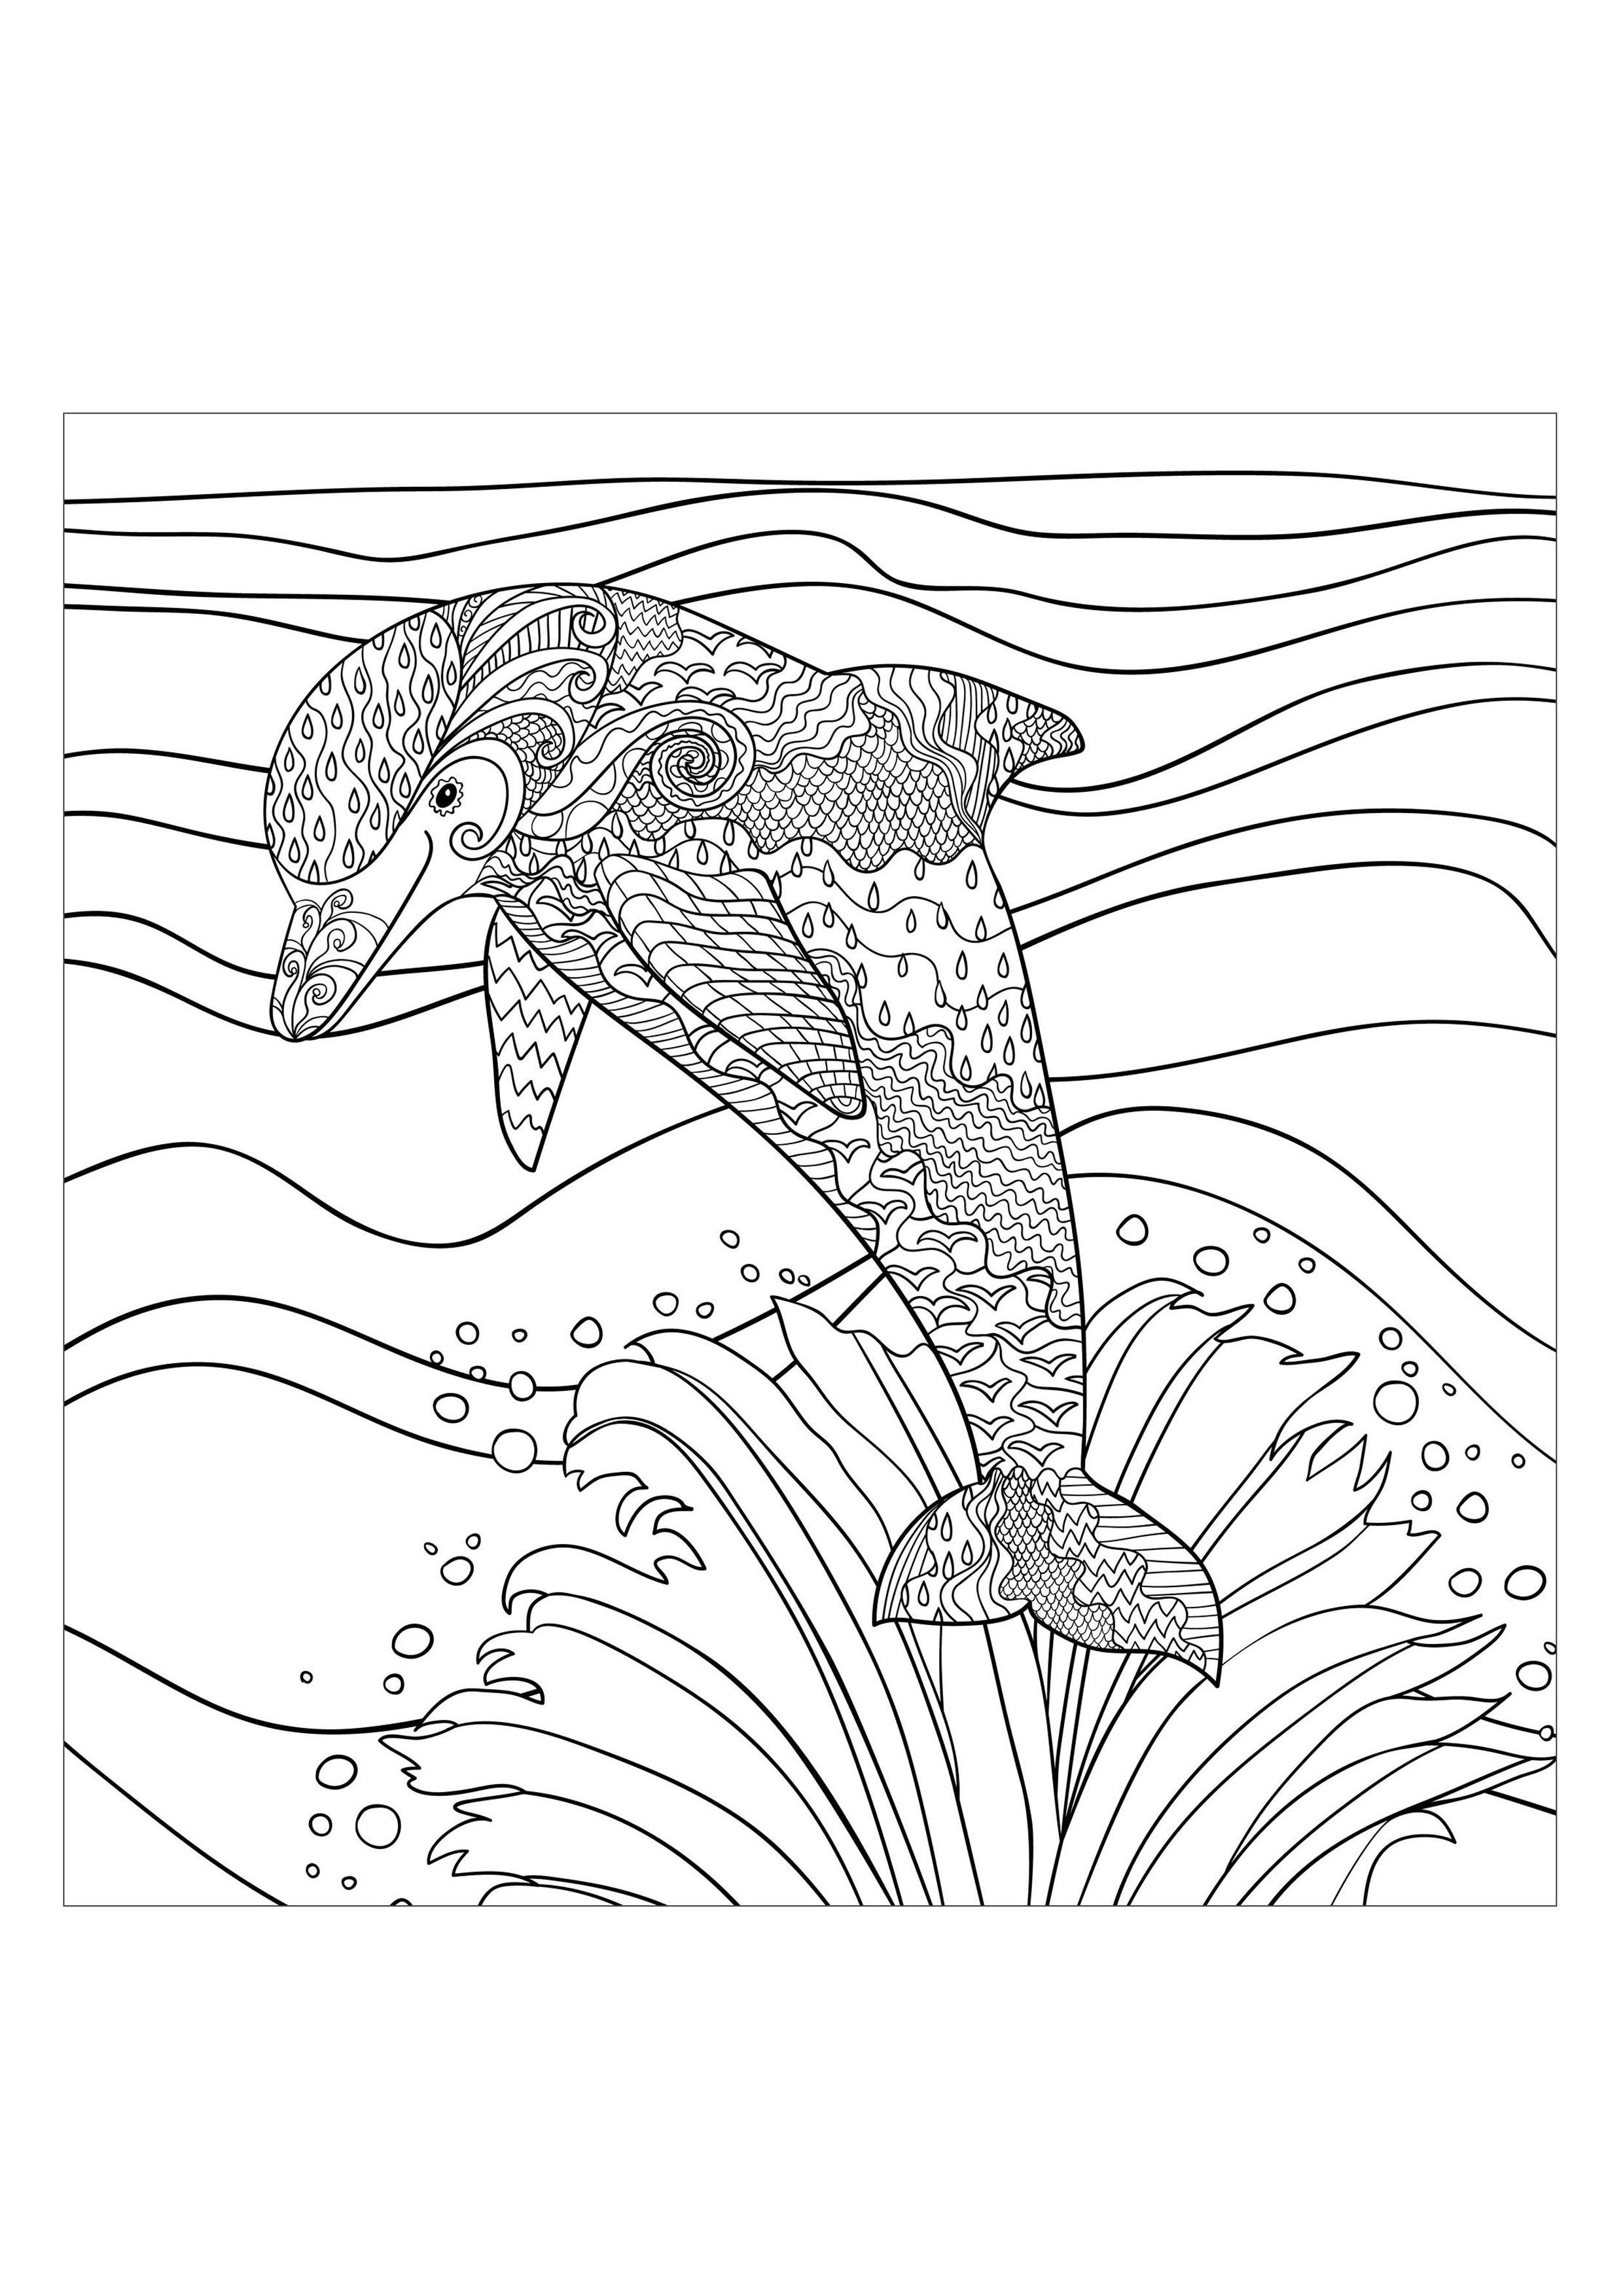 L'ami aquatique de l'homme | A partir de la galerie : Mondes Aquatiques | Artiste : Anna Lezhepekova